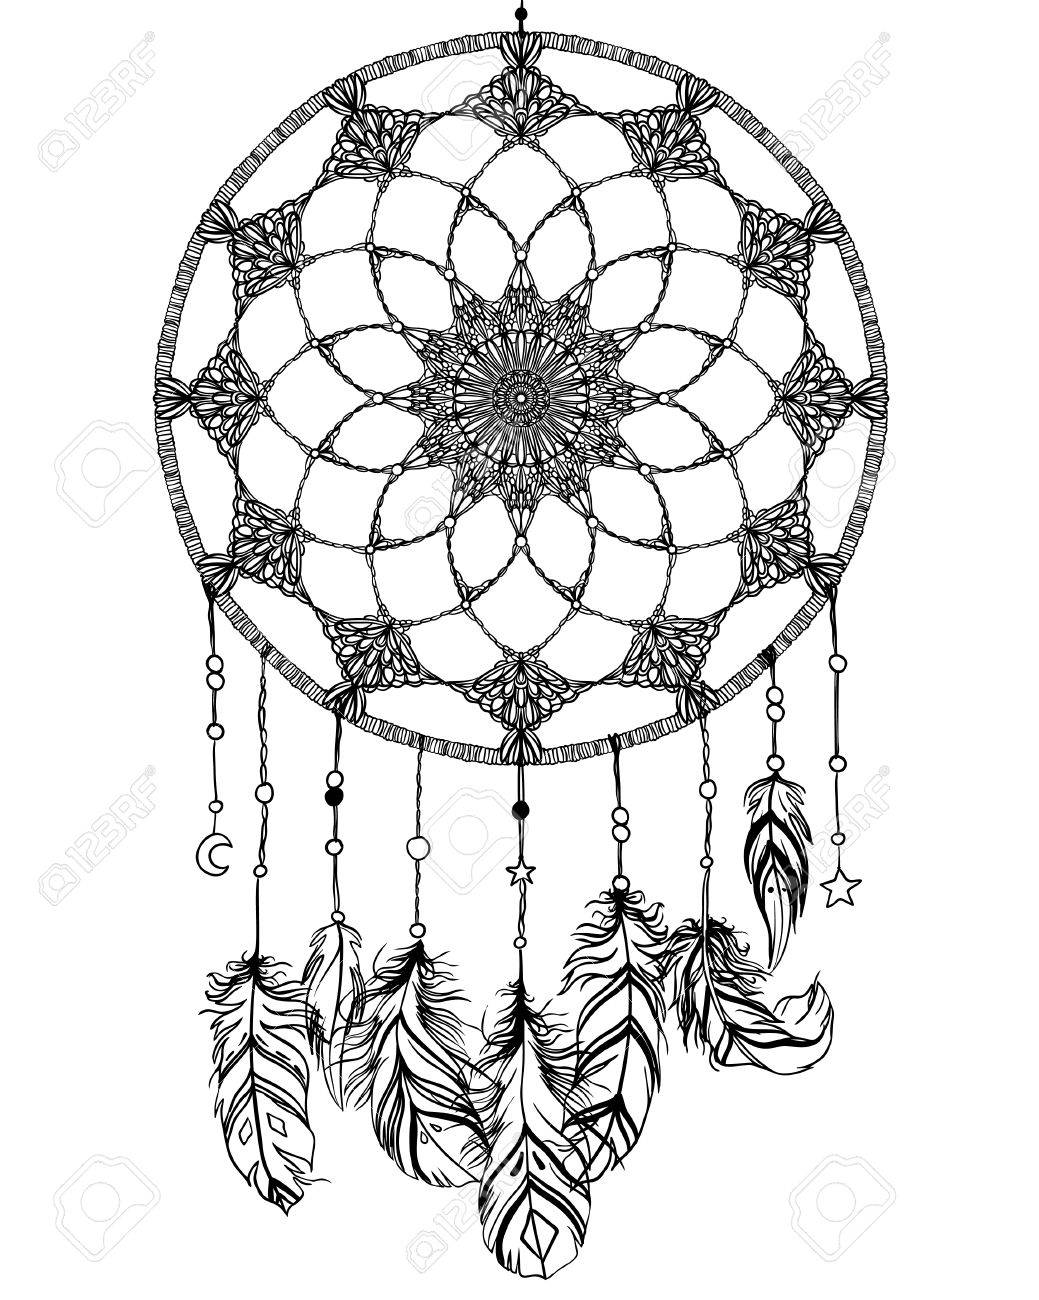 Kleurplaten Indianen Veren.Hand Getrokken Indiaanse Talisman Dreamcatcher Met Veren En Maan Vector Hipster Illustratie Geisoleerd Op Wit Etnisch Ontwerp Boho Chic Tribaal